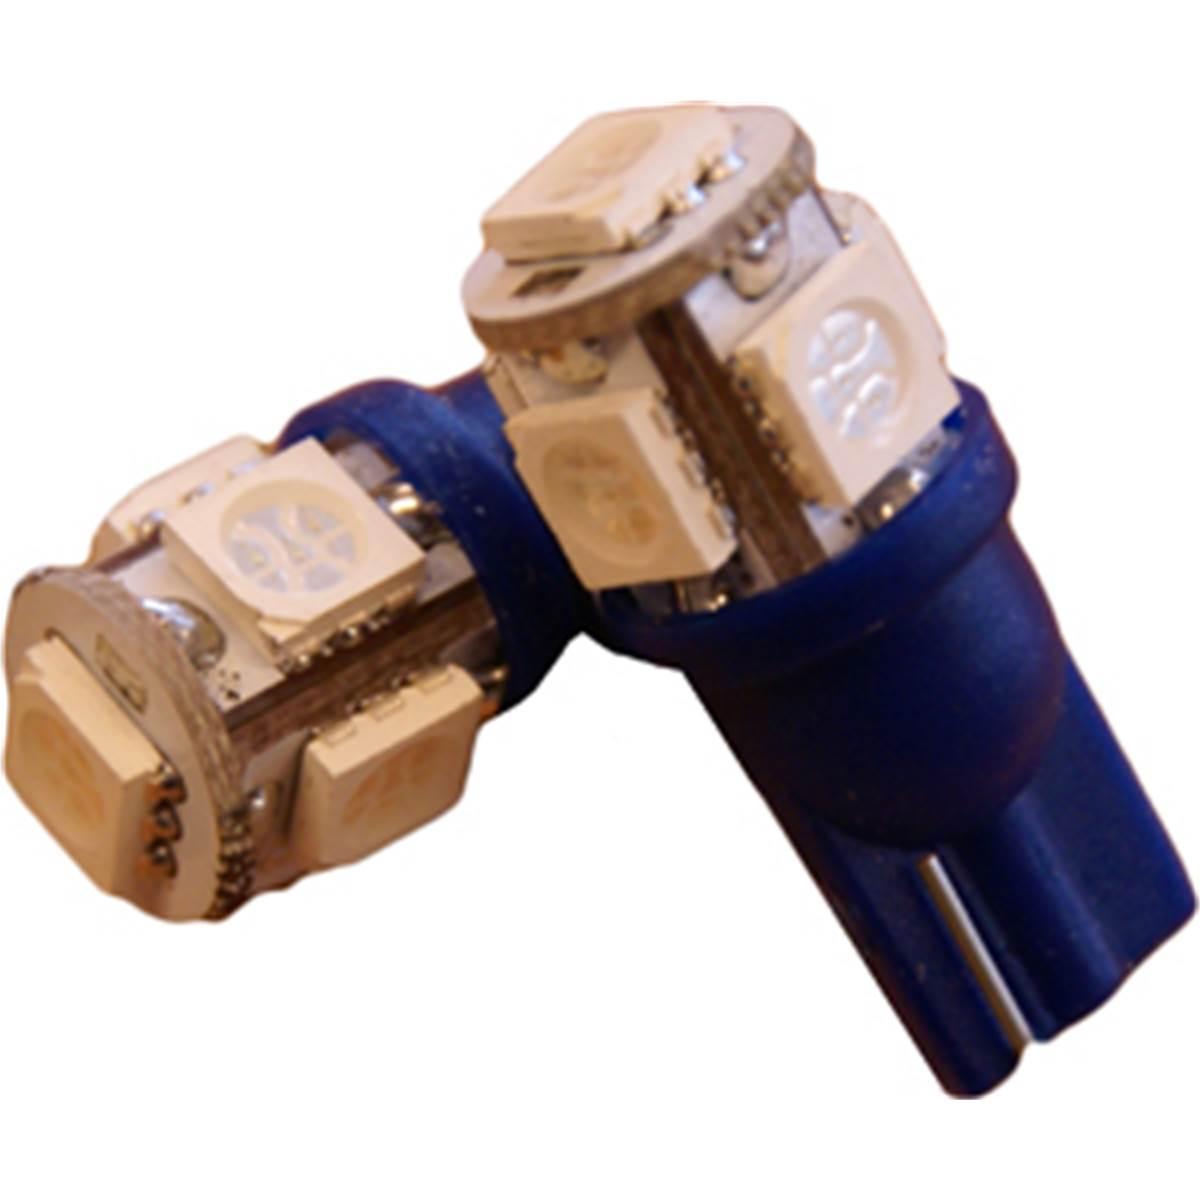 2 ampoules led T10 (9 pastilles smd5050) bleu Autoled